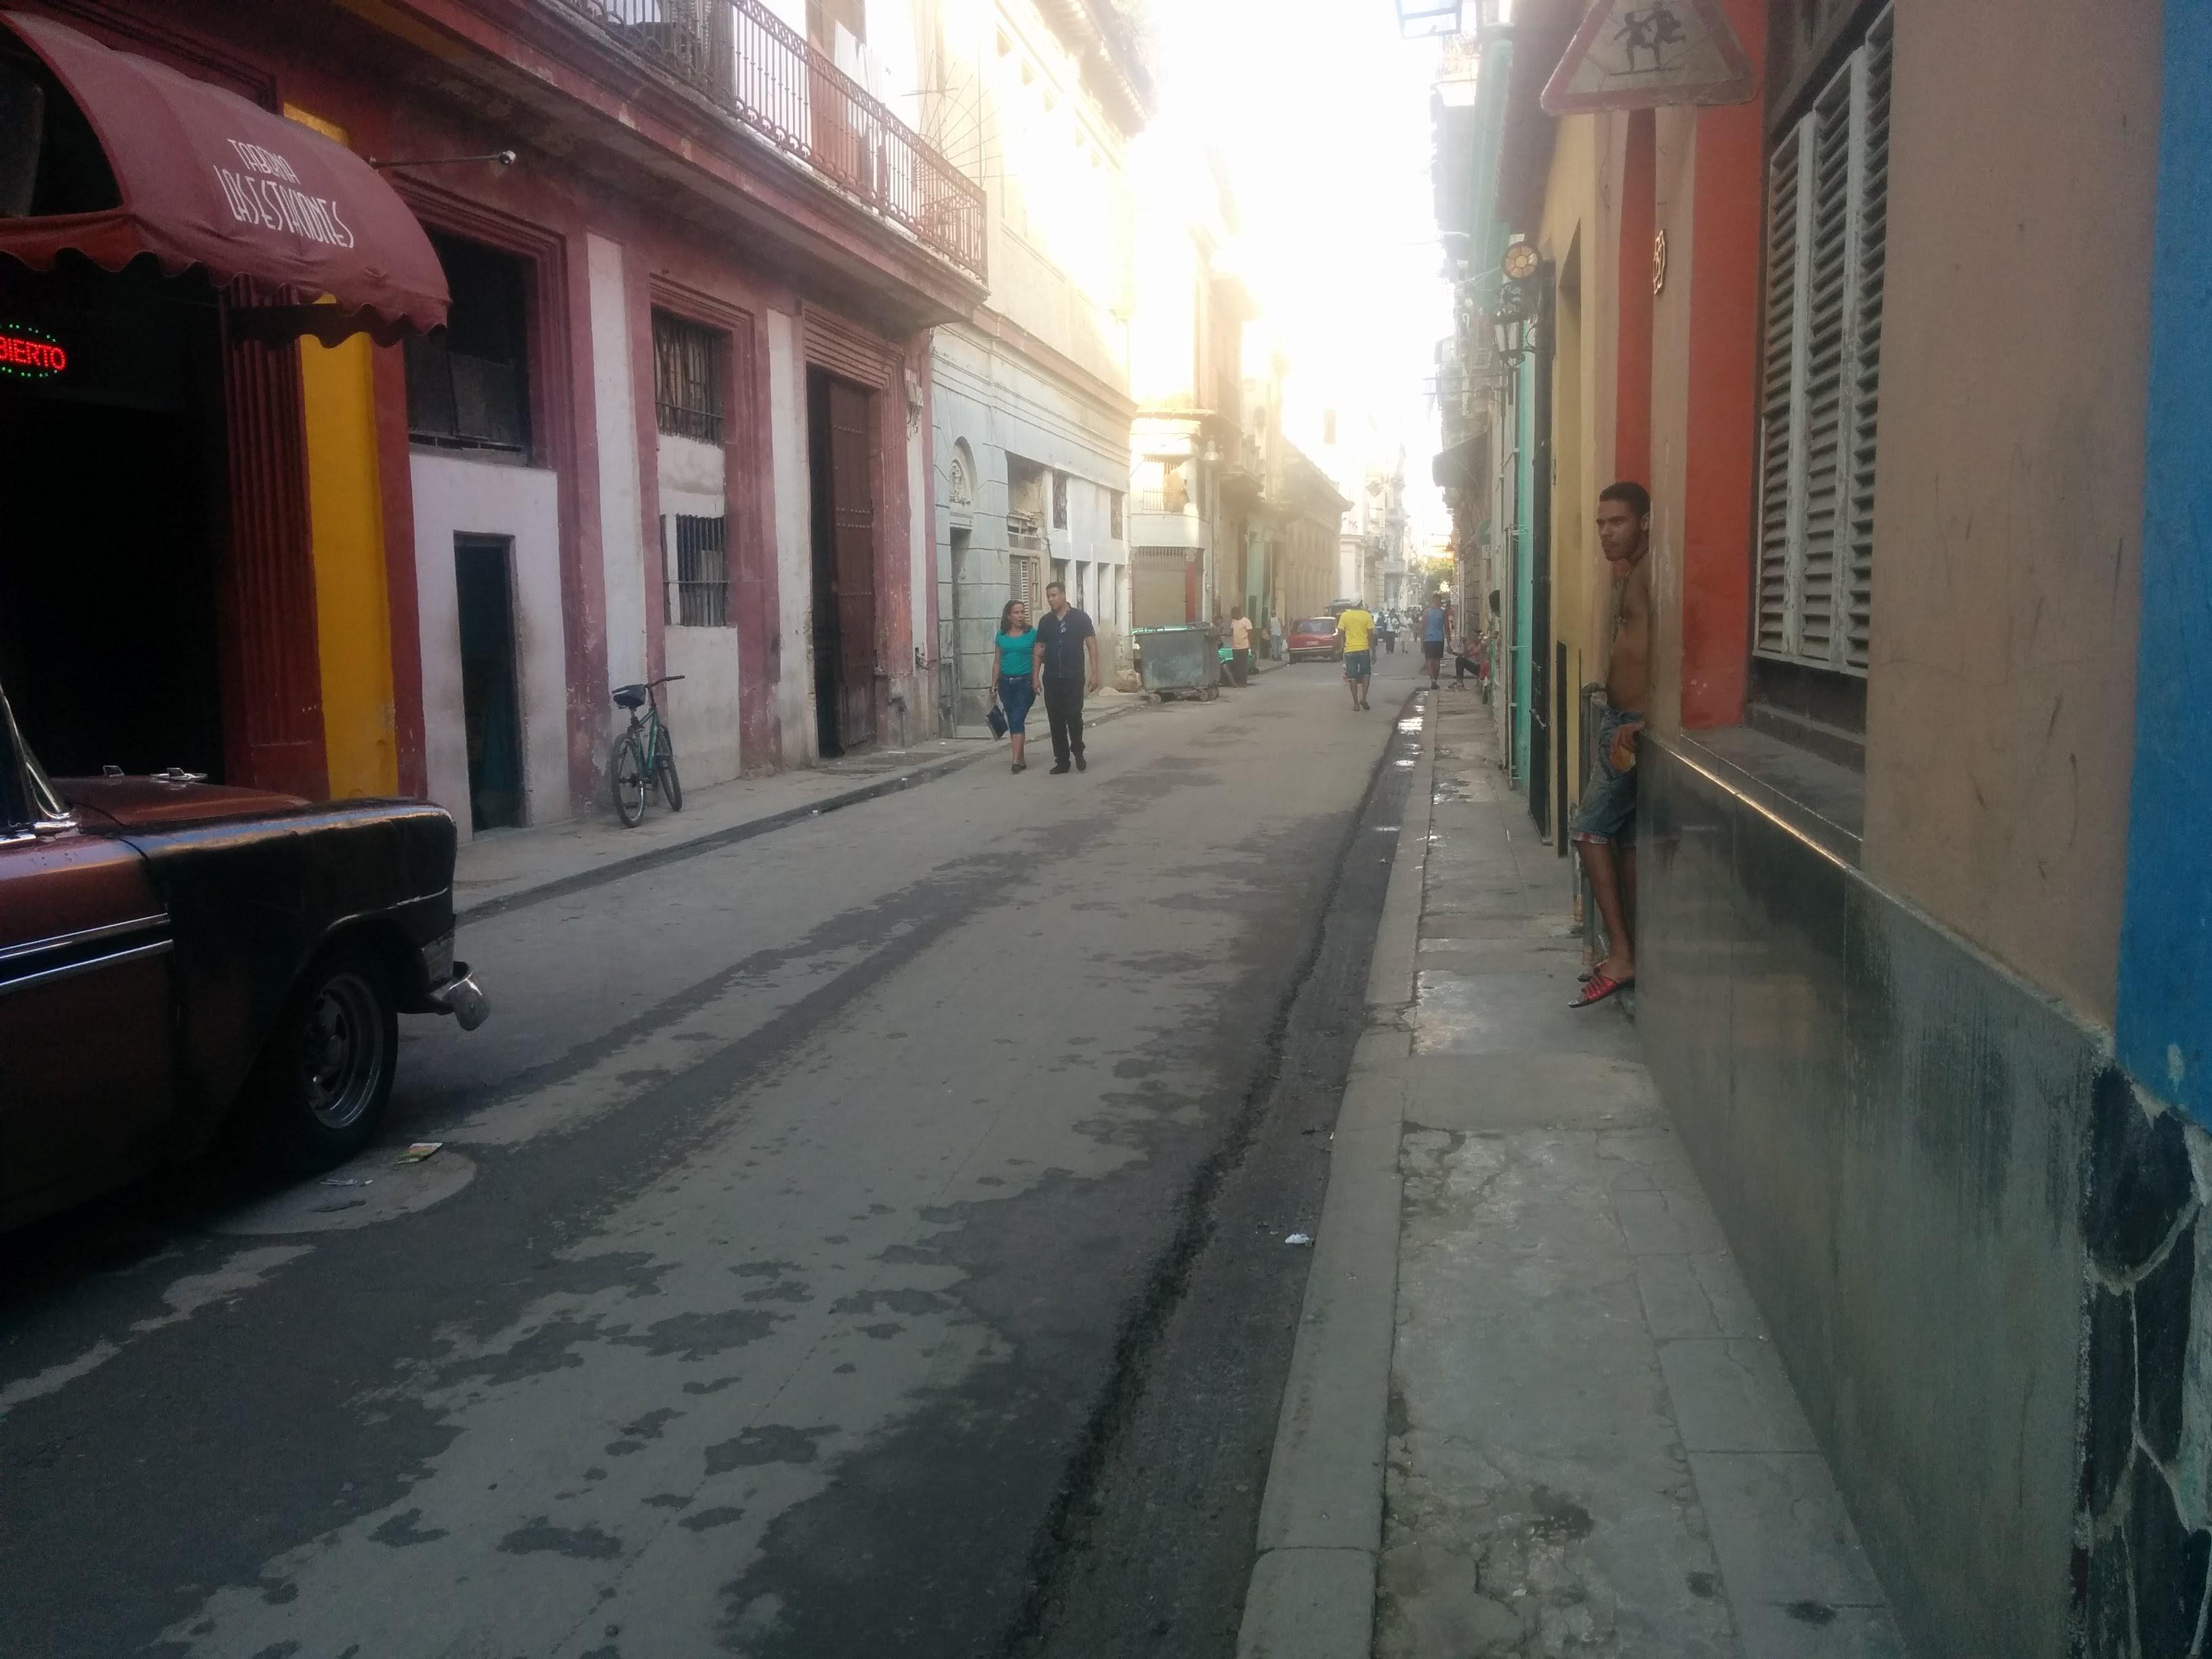 Accessibilitat Per A Persones Amb Discapacitat A La Habana